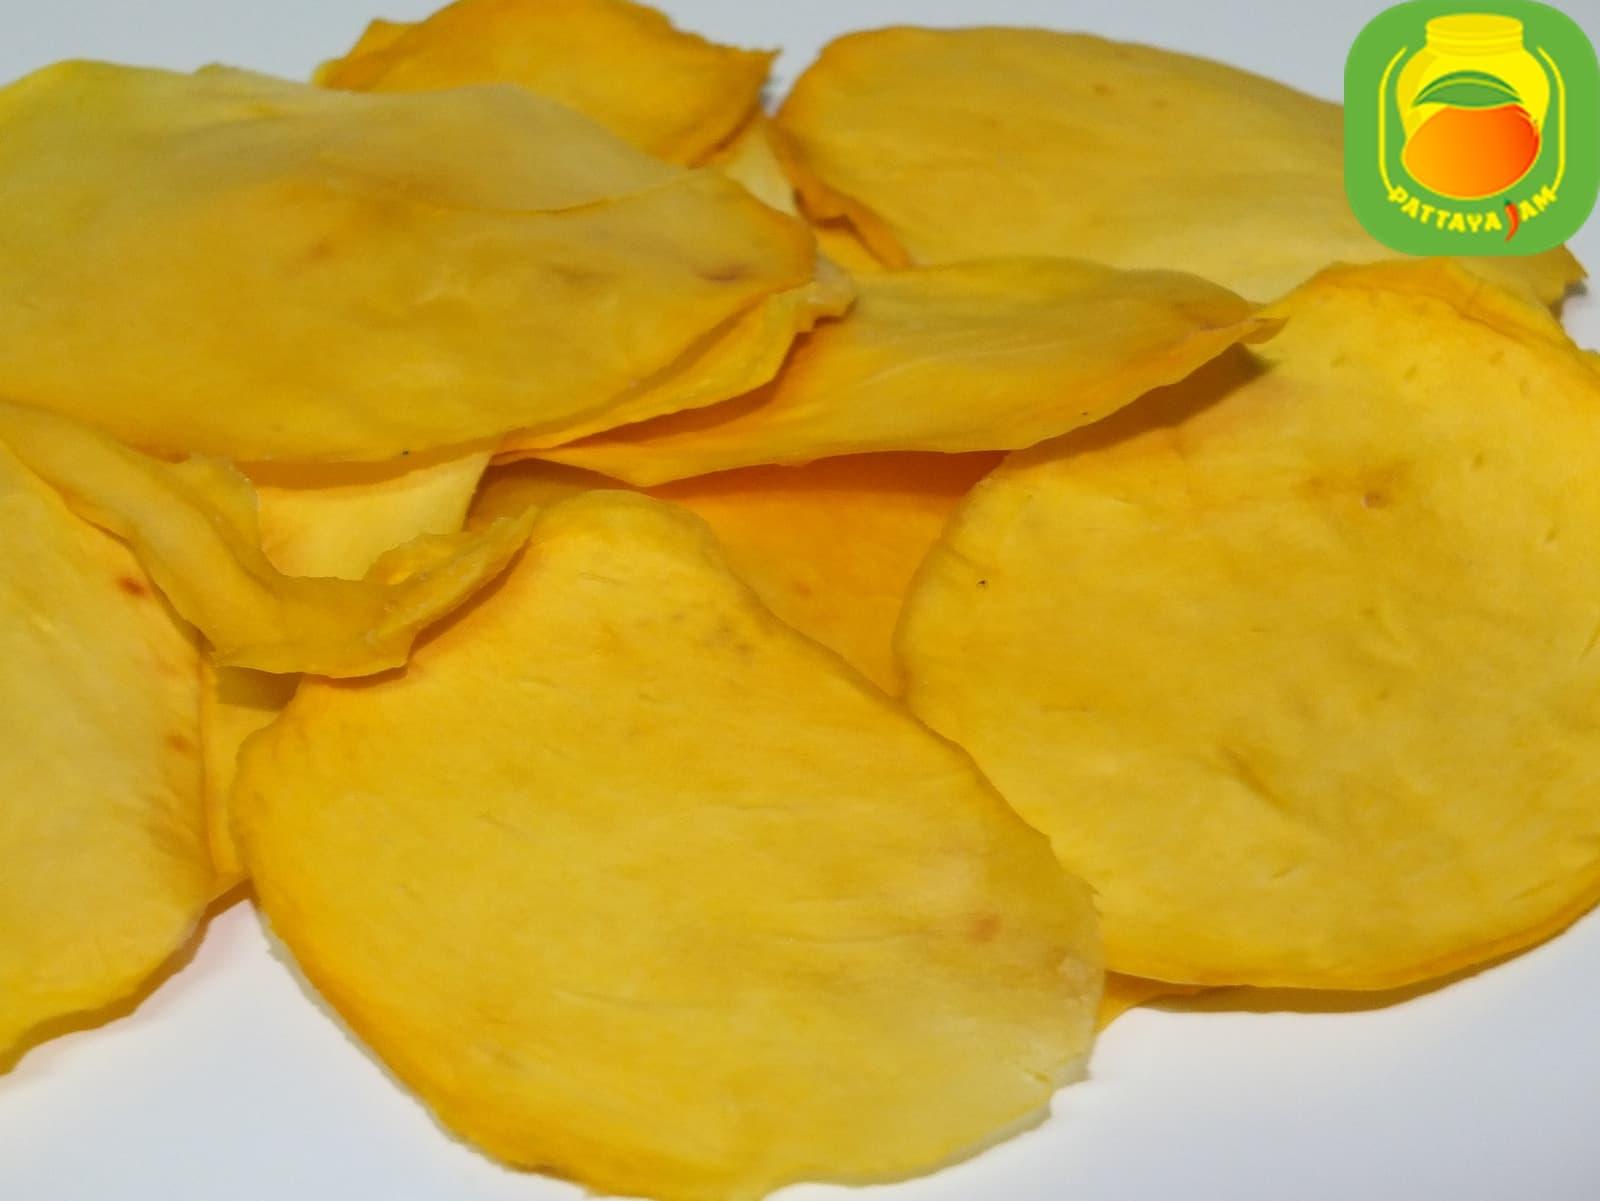 Вяленый или сушеный тонкий манго - чипс, без сахара